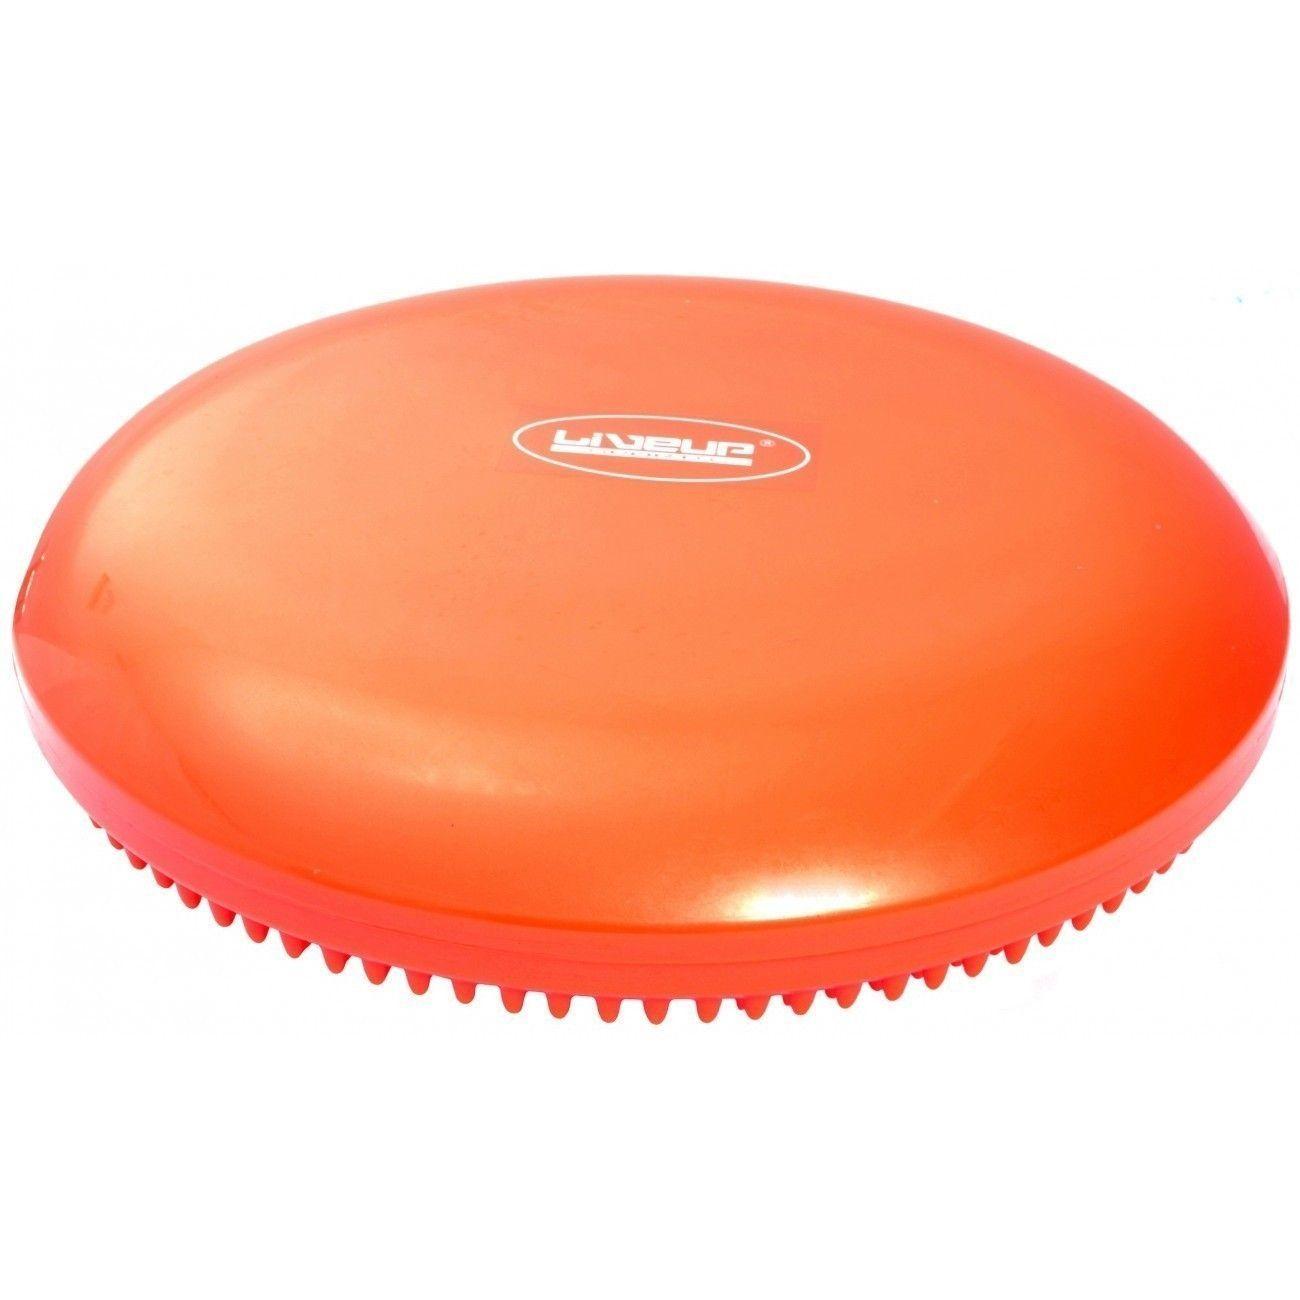 Disco de Equilíbrio Inflável 33CM - LiveUp